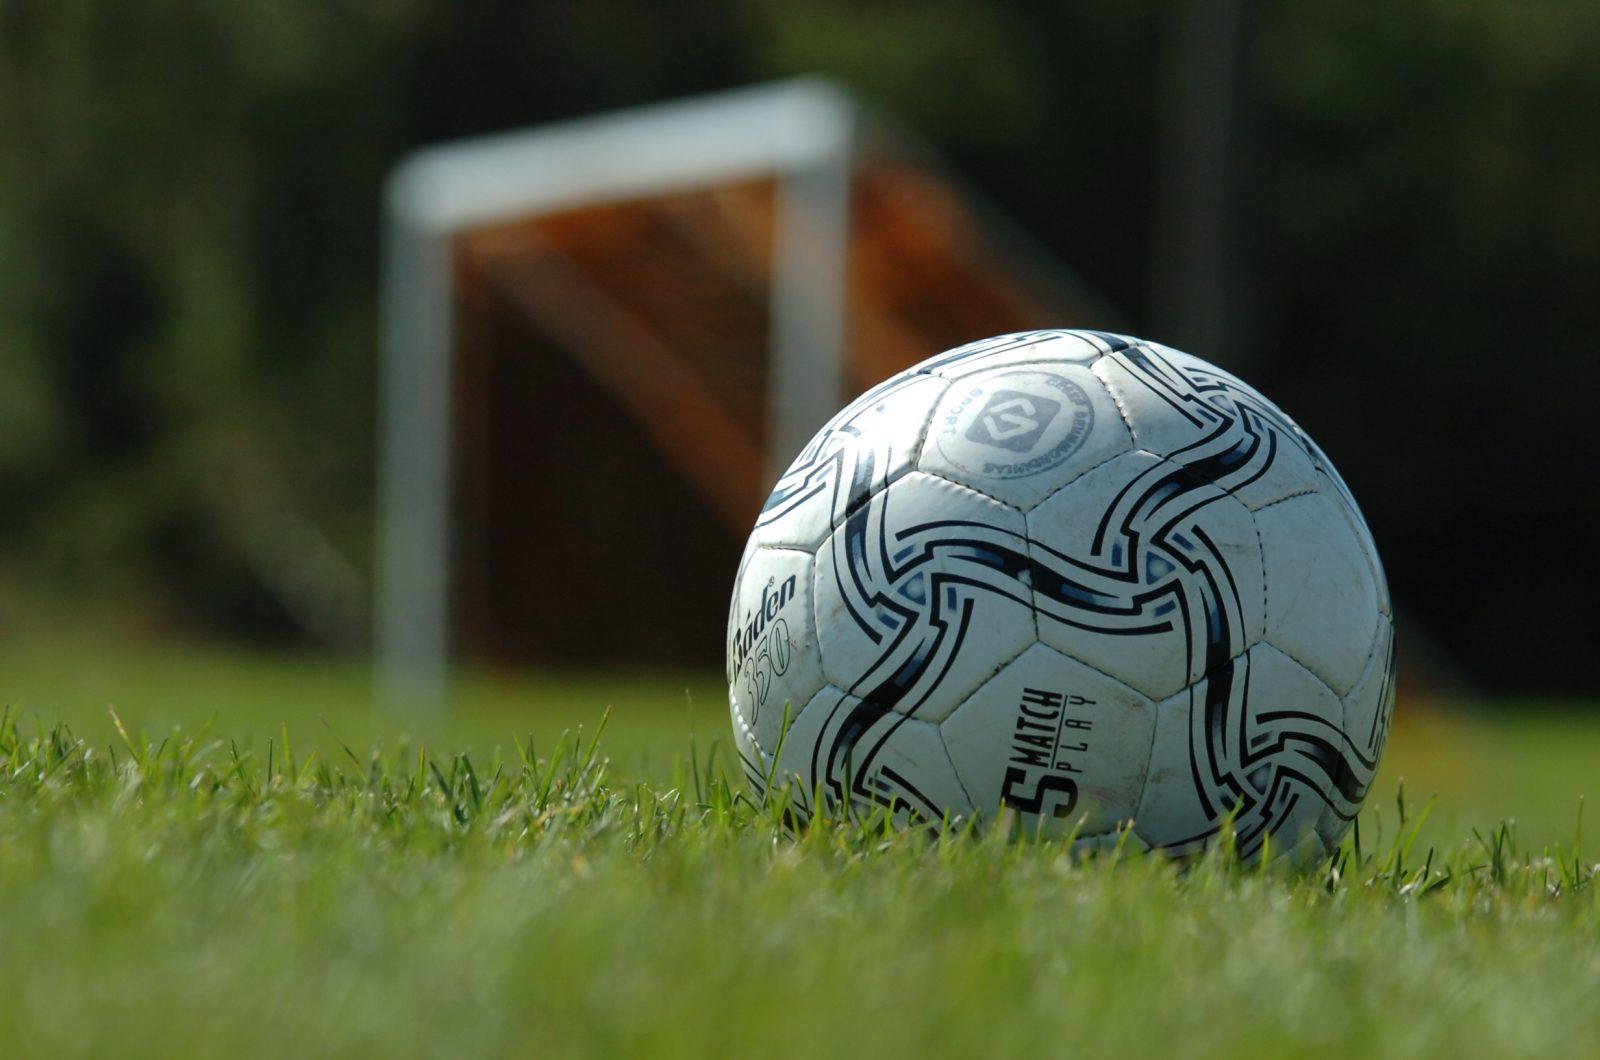 Saint-Guillaume accueillera un tournoi régional de soccer